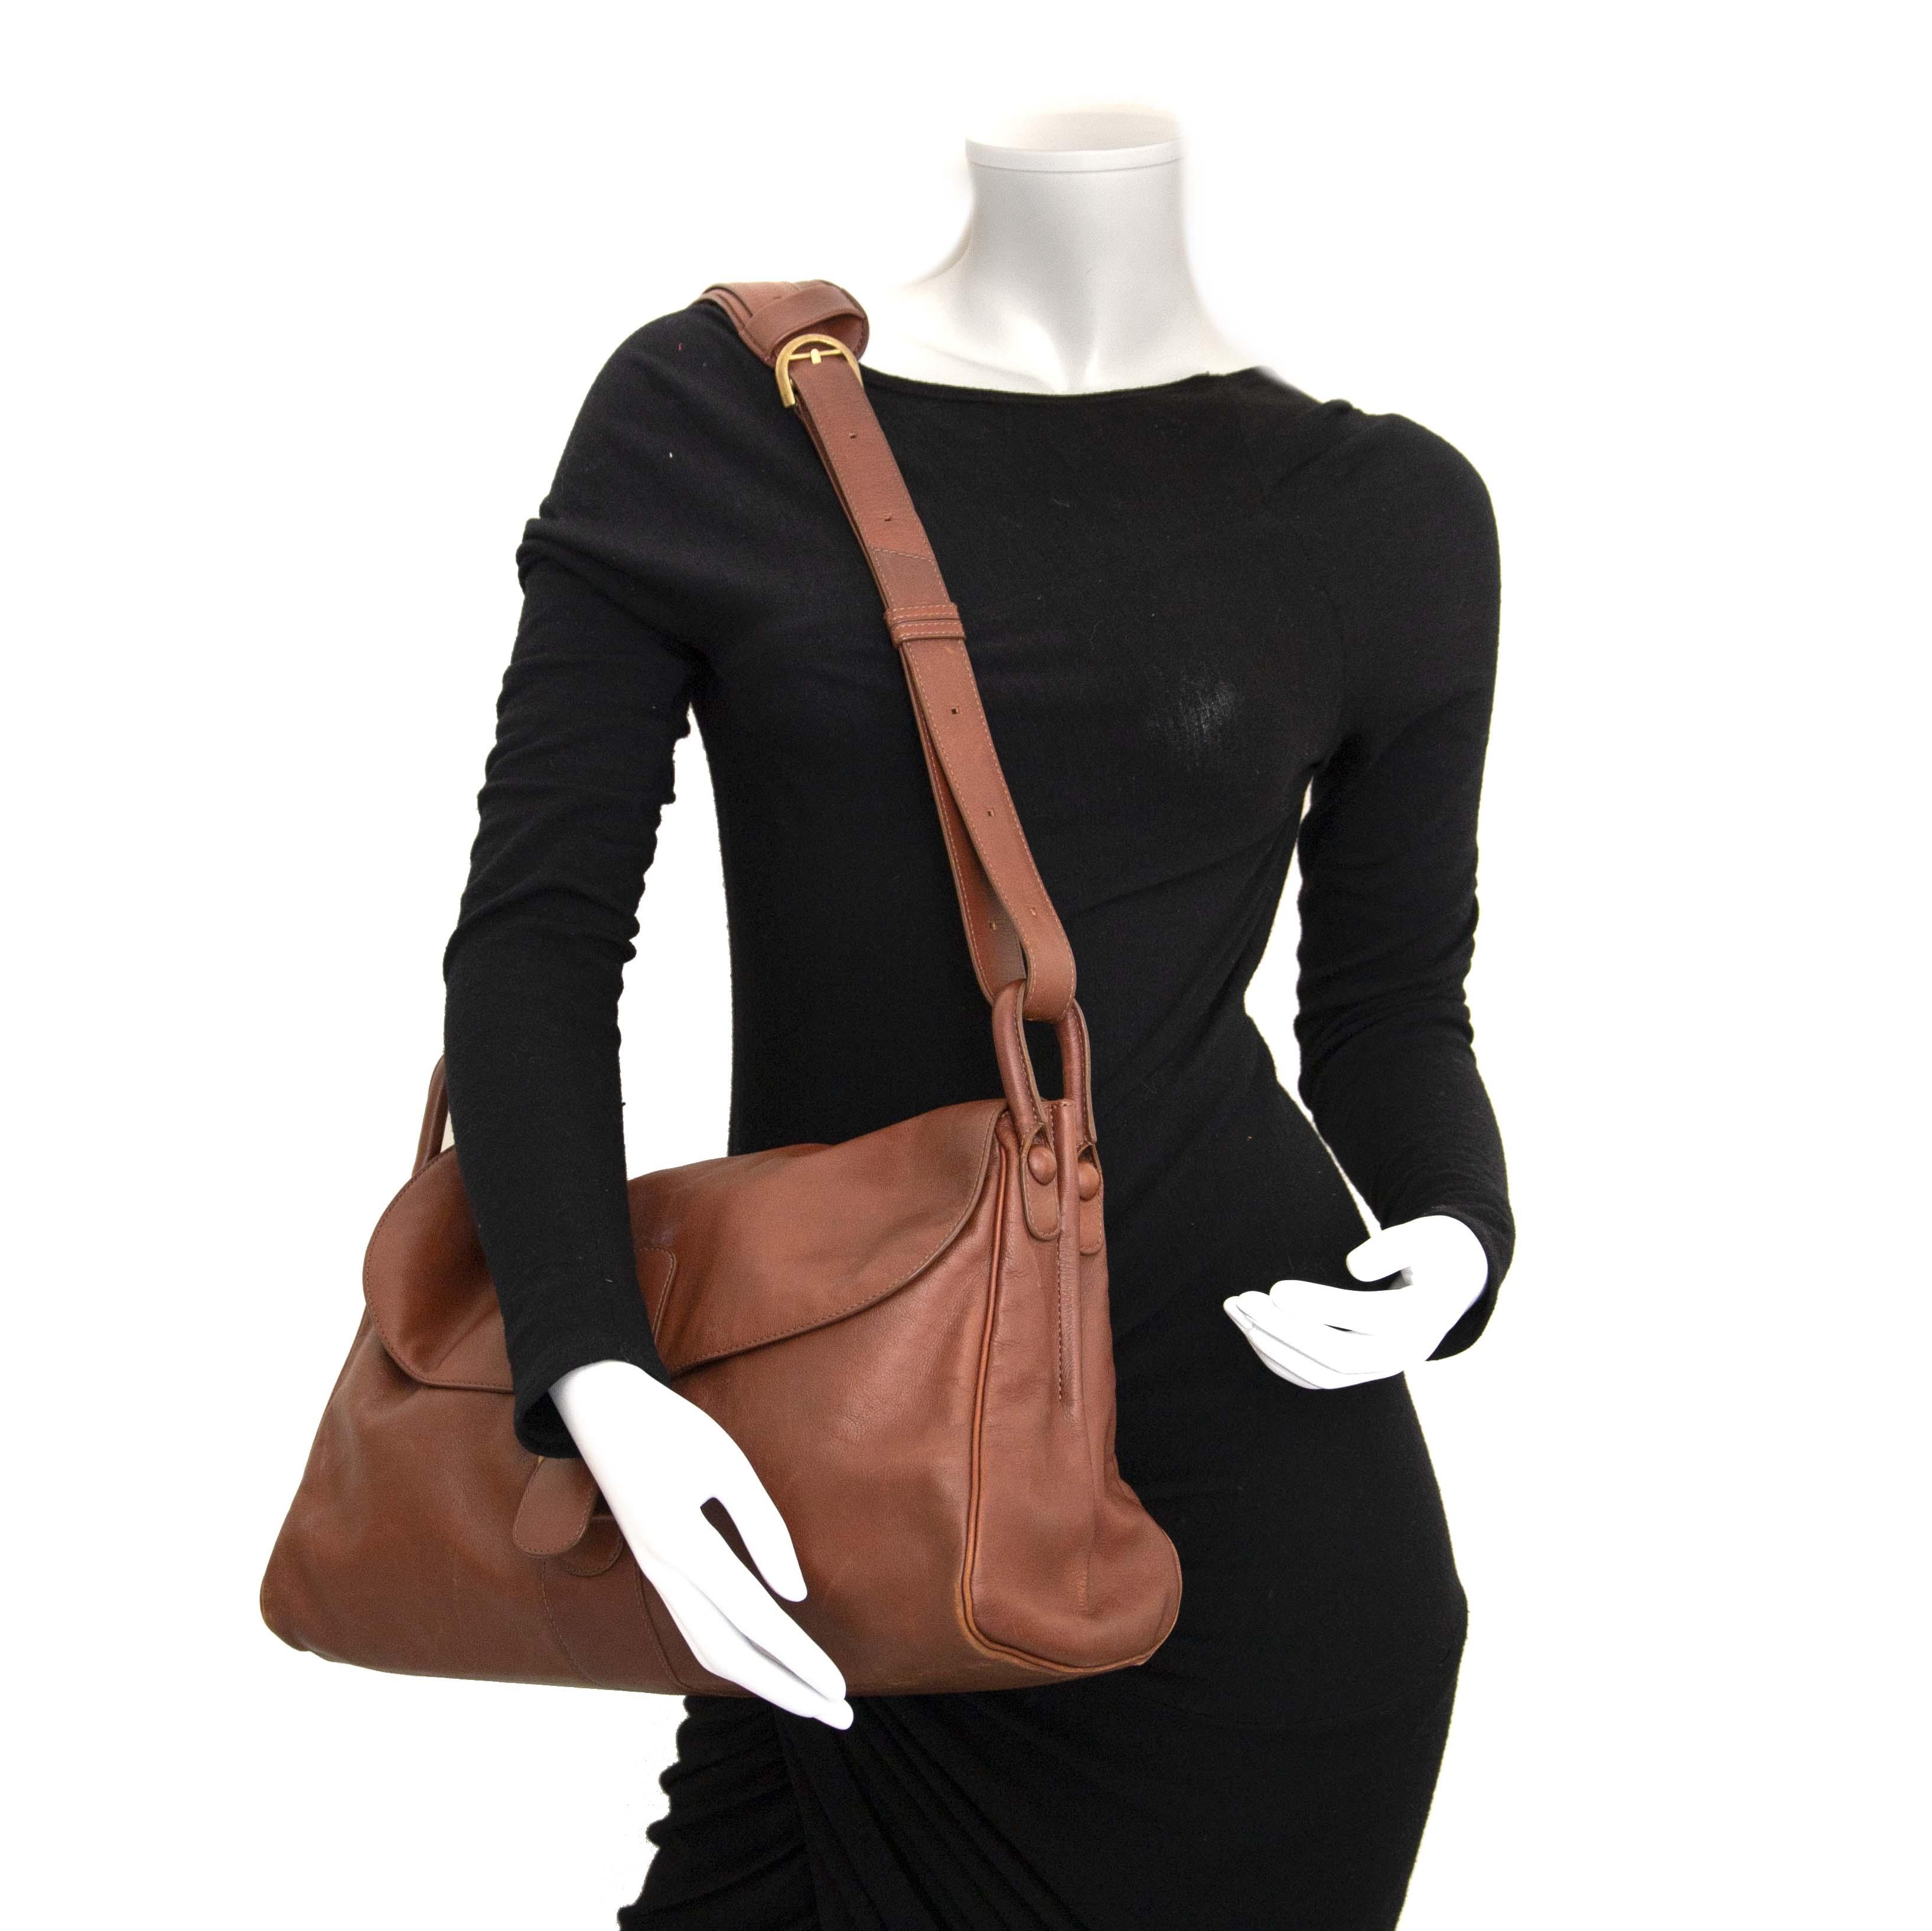 Delvaux Brillant Brown Shoulder Bag kopen en verkopen aan de beste prijs bij Labelov